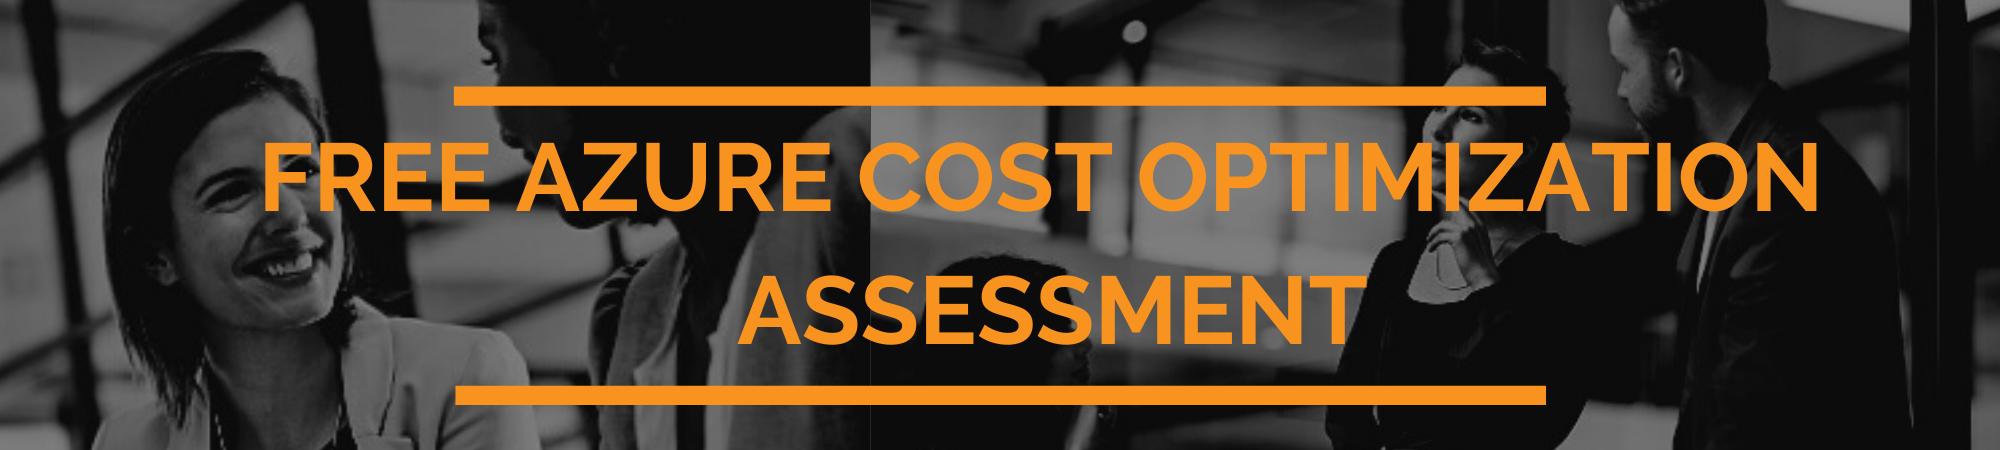 Free Azure Cost Optimization